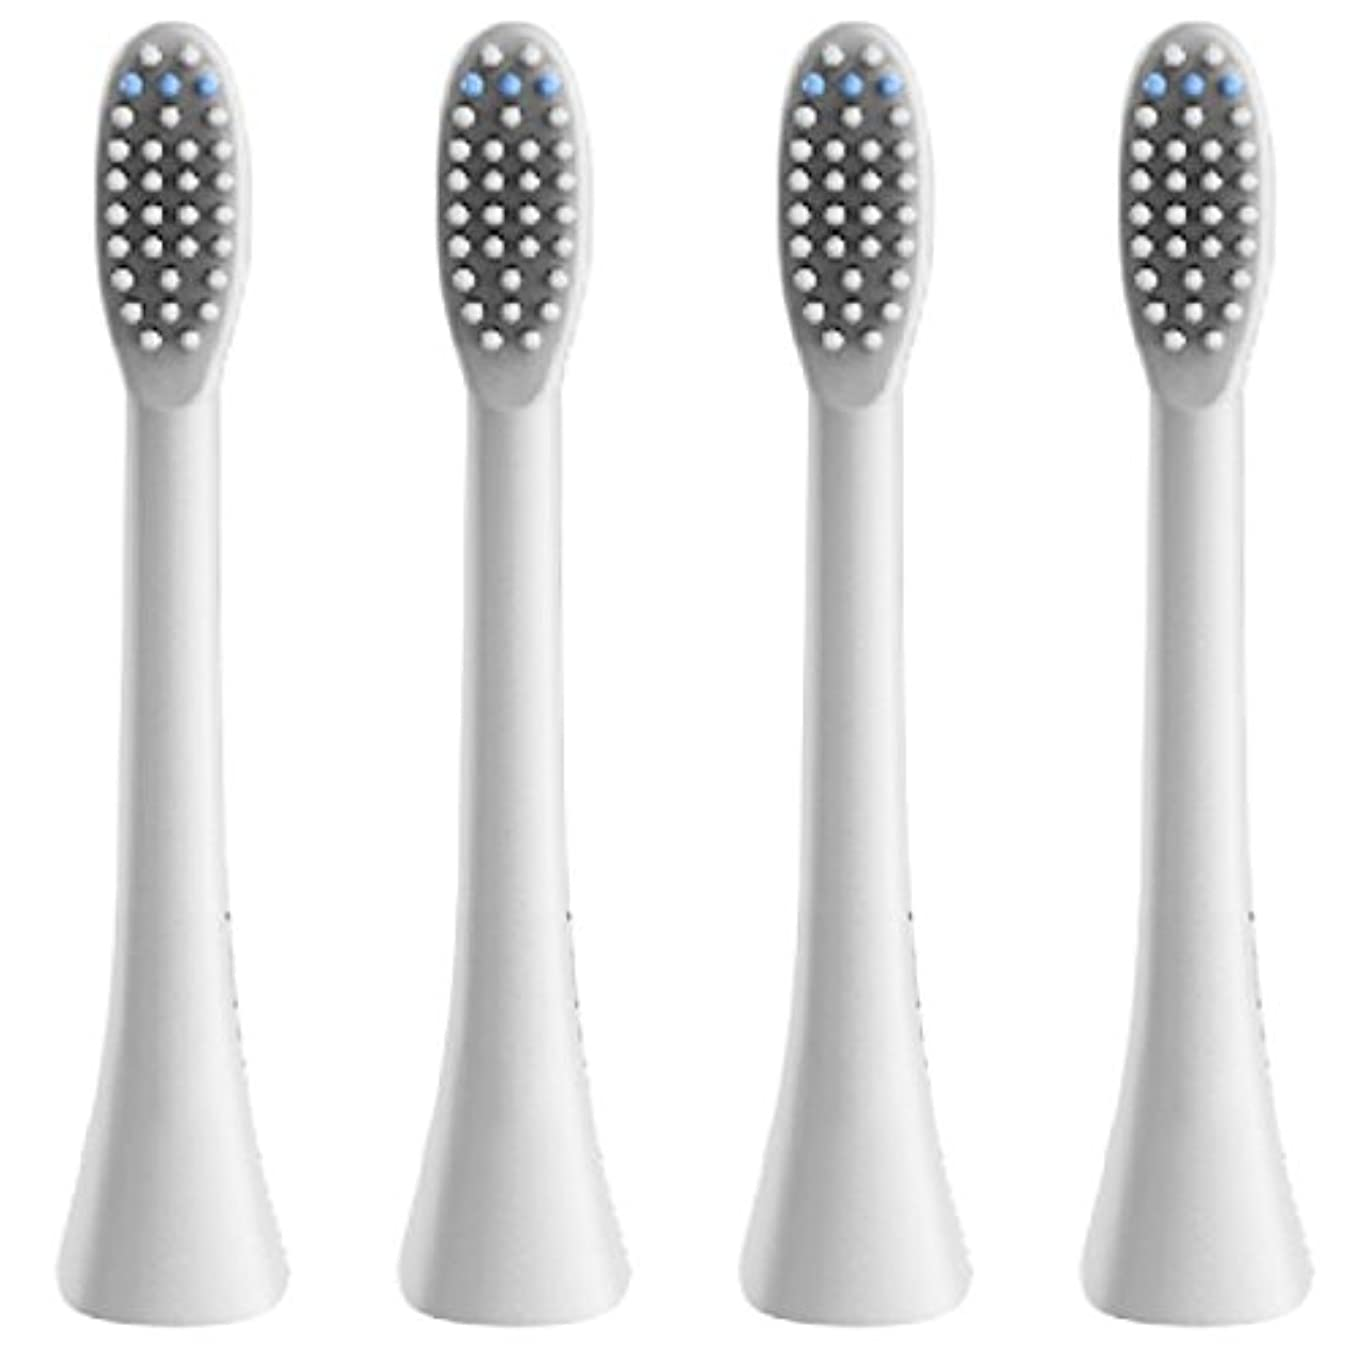 ペッカディロ頂点卵(正規品)InfinitusValue スマートトラッキング電動歯ブラシ専用替えブラシ レギュラーサイズ 4本組 ホワイト IVHB01WBR4